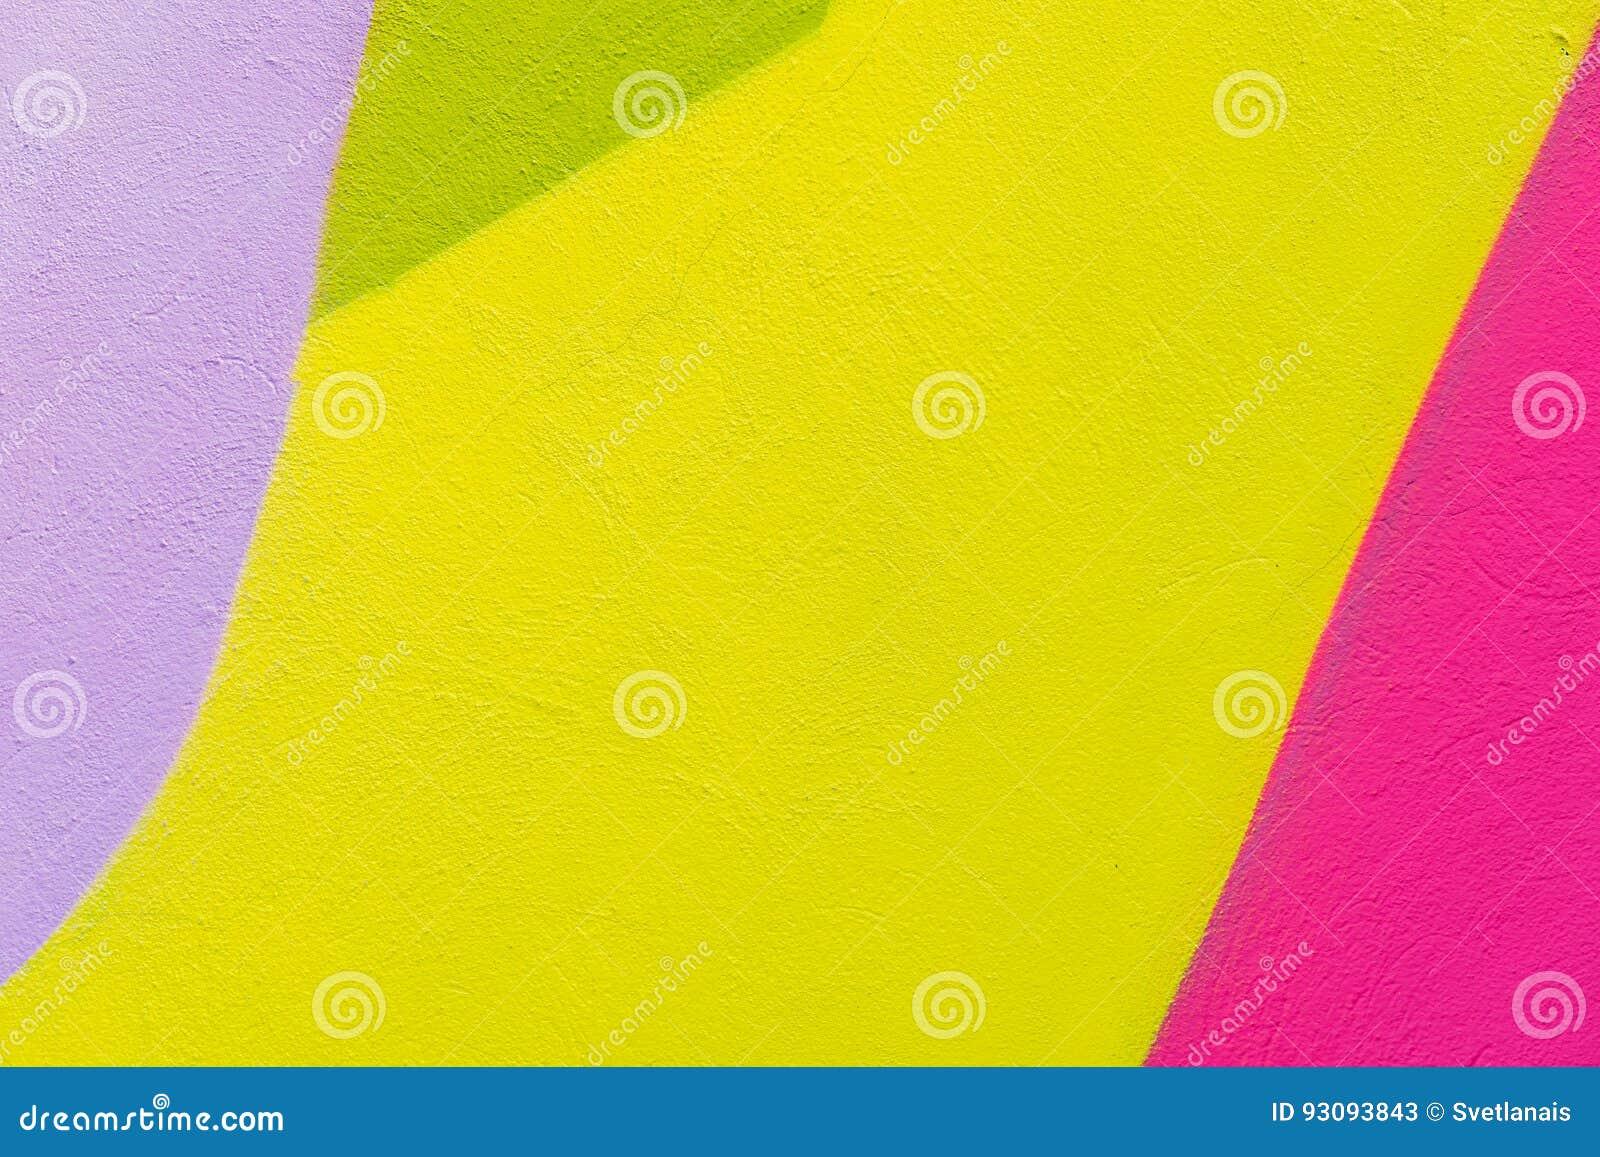 Kleurrijke abstracte geweven achtergrond Straatkunst, gepleisterde muurvoorgevel met groene, roze, purpere, gele verven